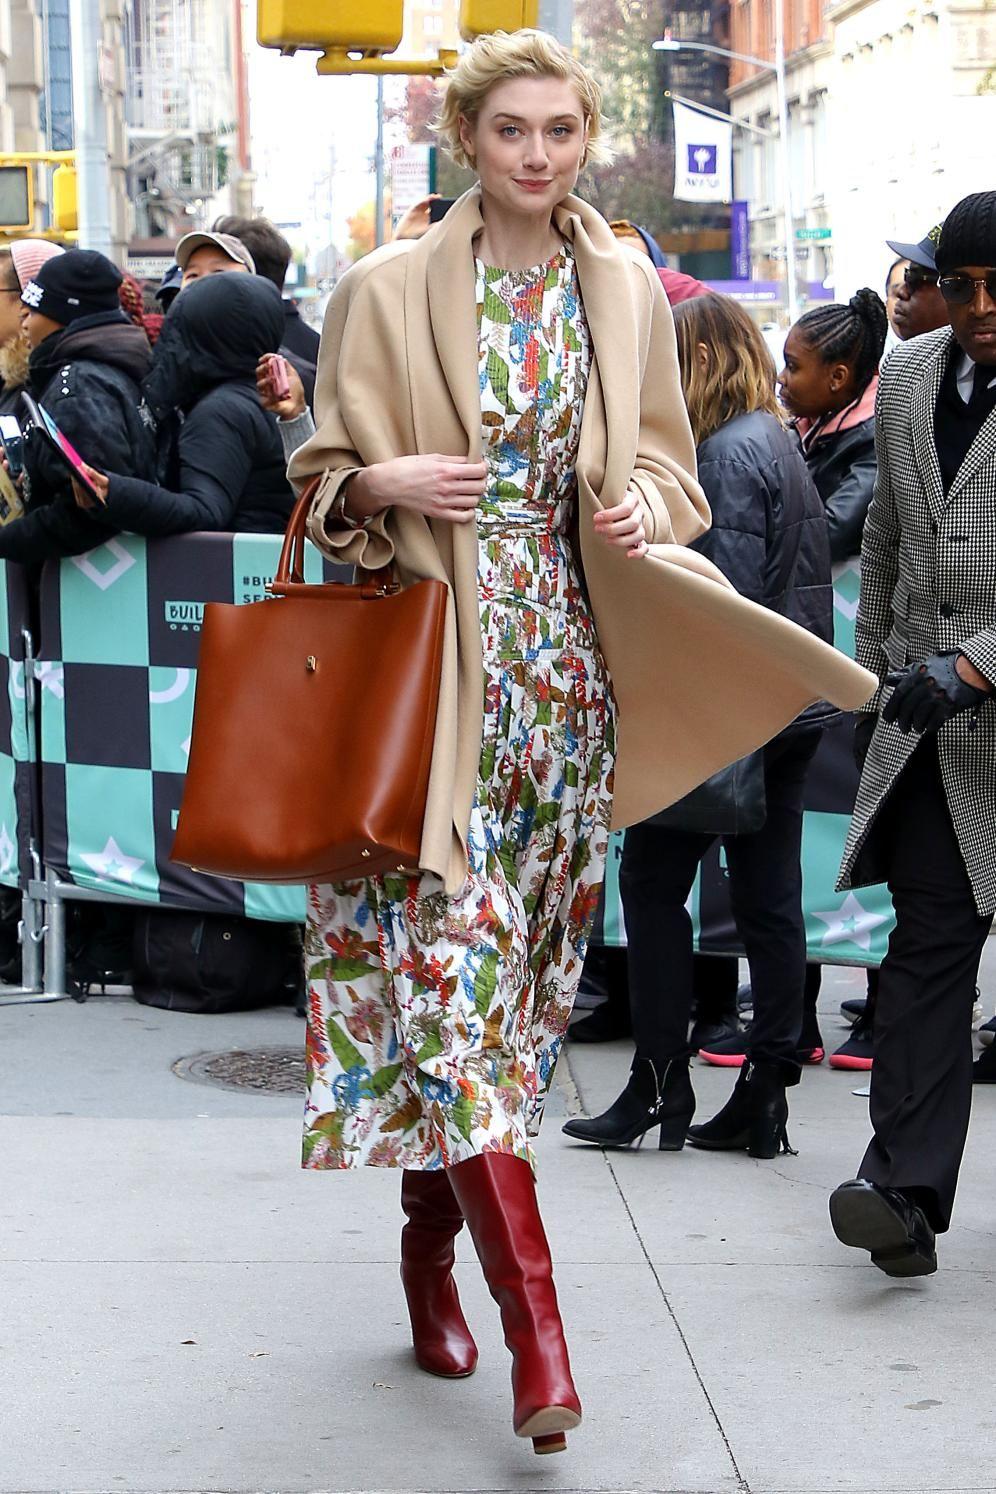 Midiskirt + tall boots = the look of the season White